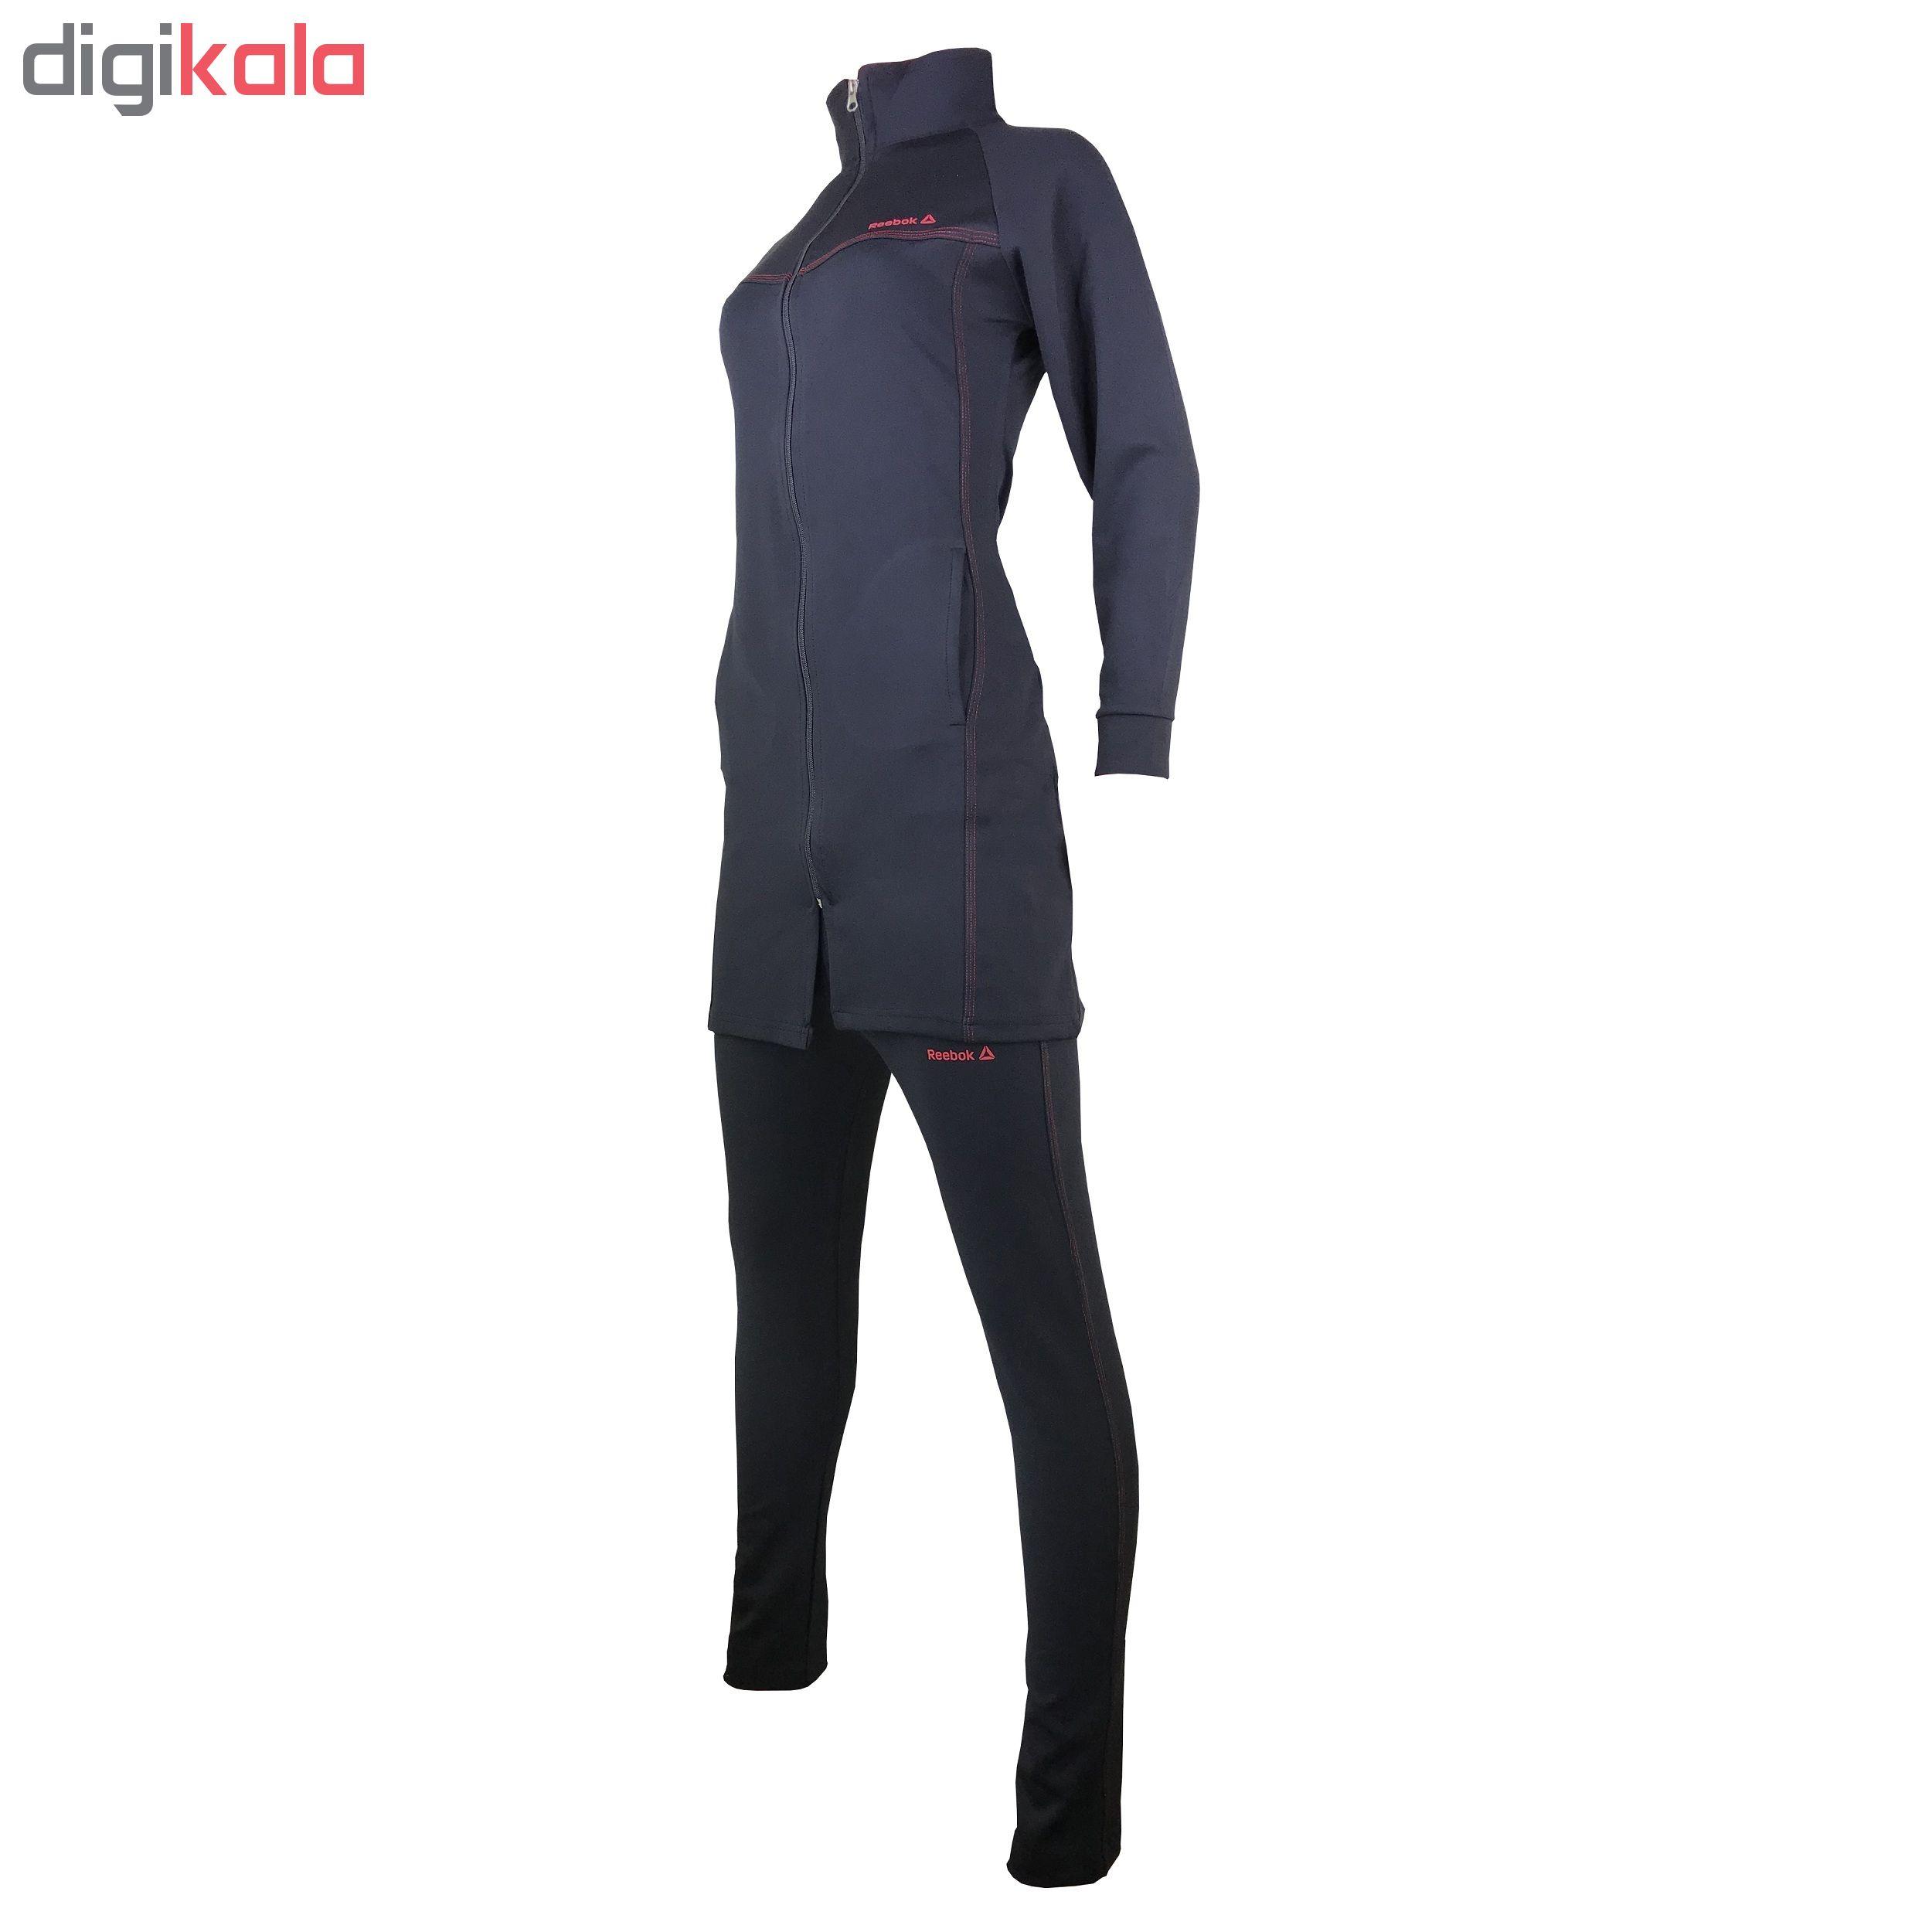 ست گرمکن و شلوار ورزشی زنانه مدل R-BL100 main 1 2